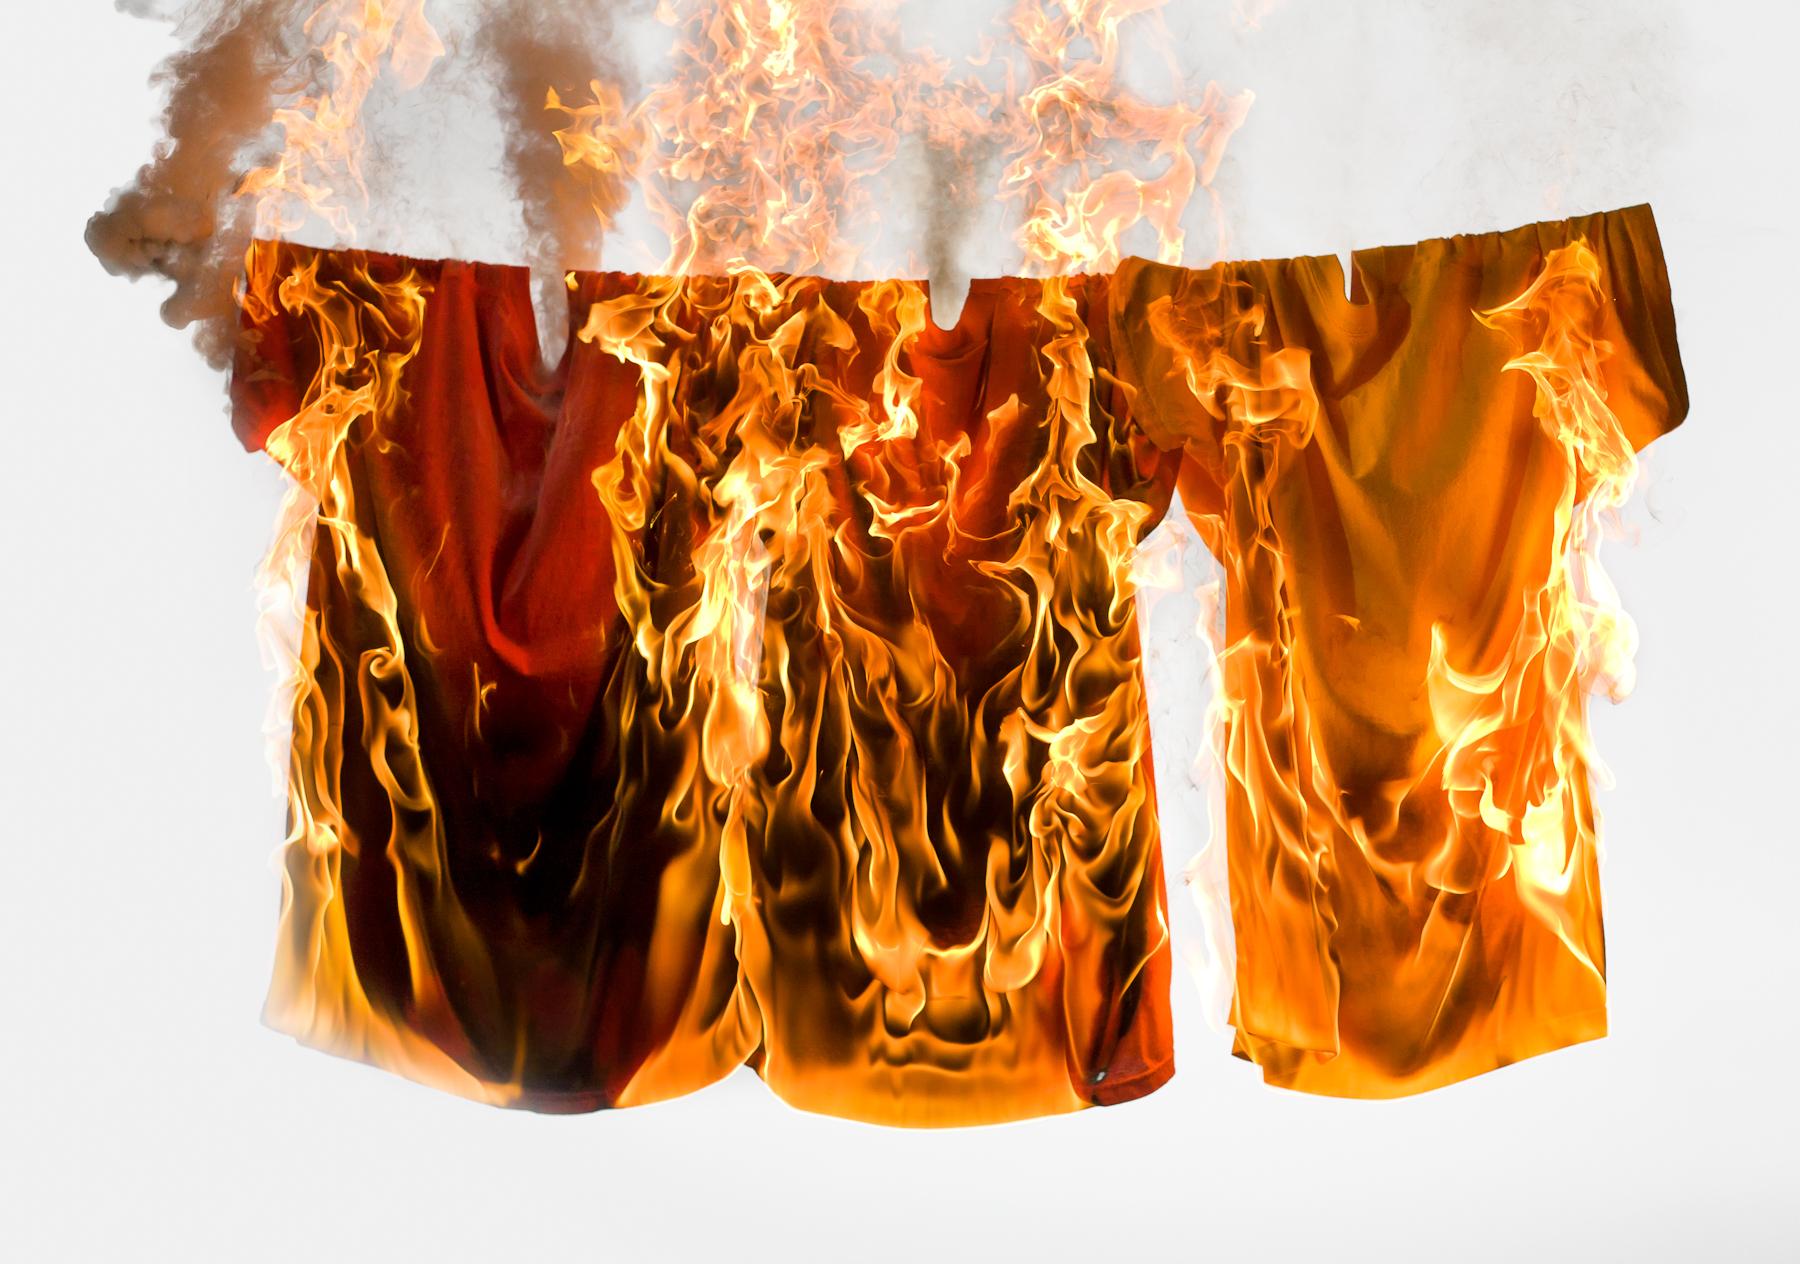 burning_garments-006.jpg